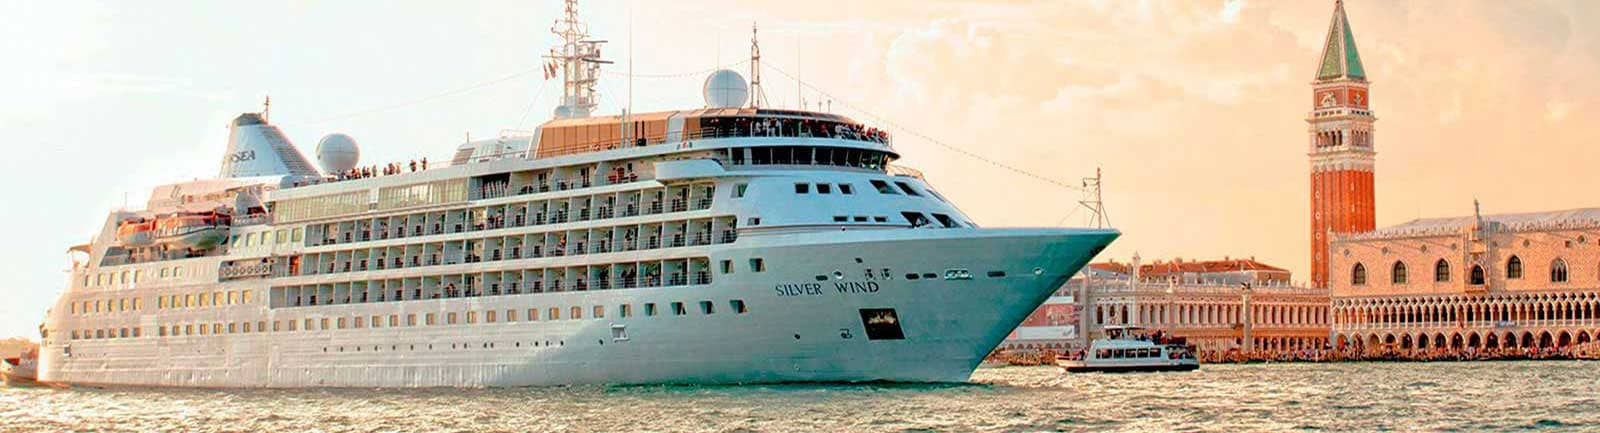 Crucero Silversea un crucero para dar la vuelta al mundo